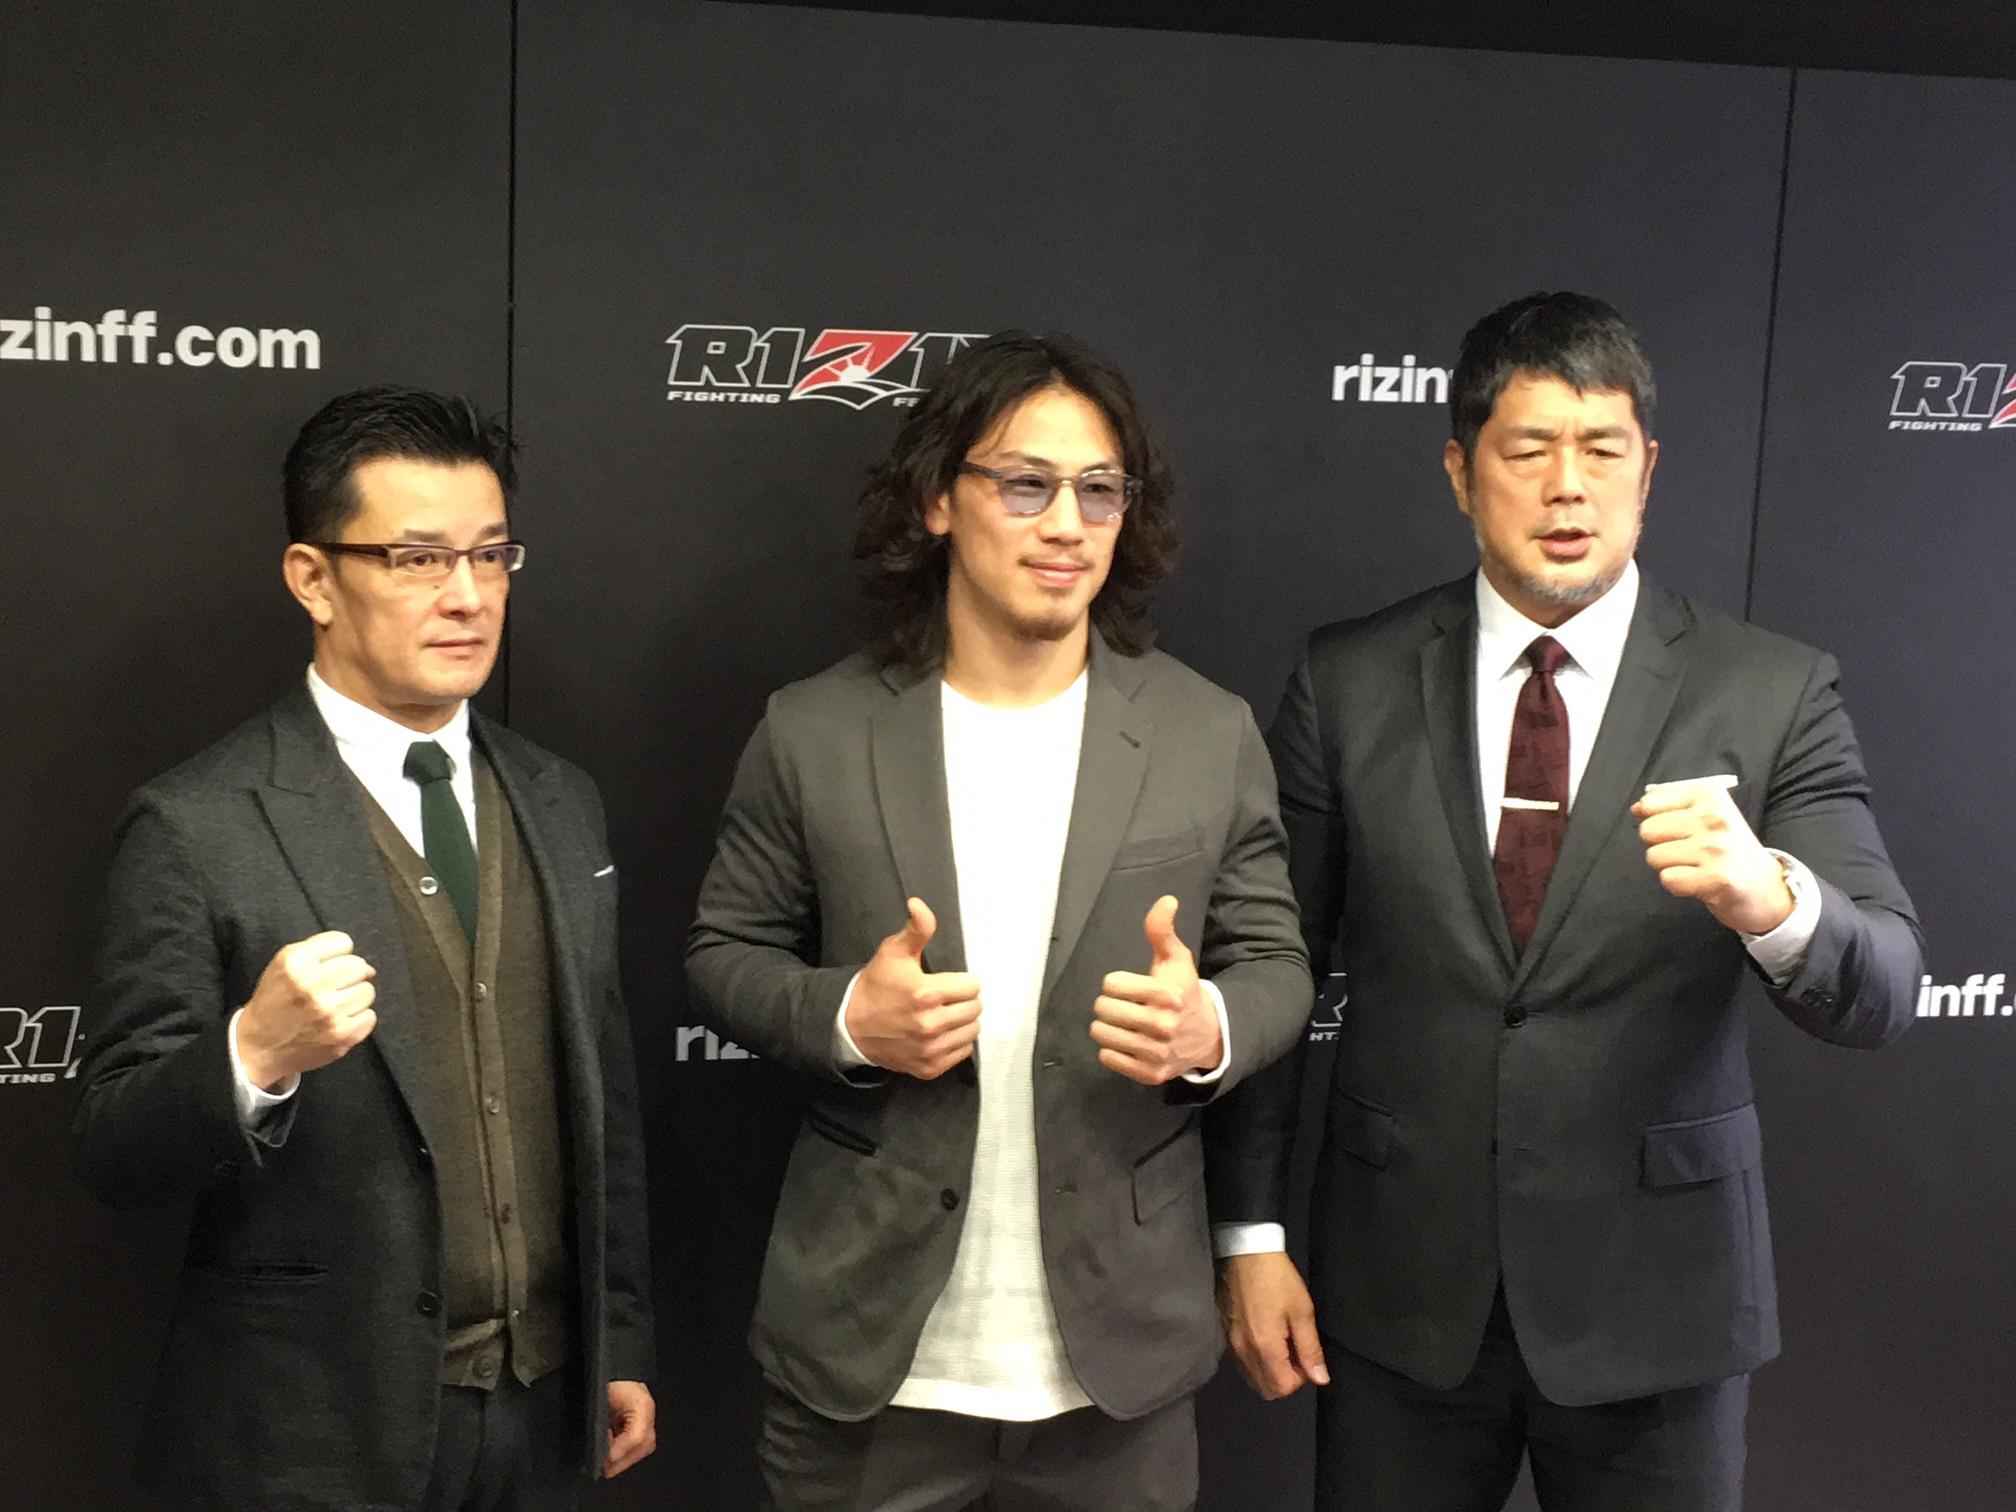 今年も格闘技界を賑わすRIZIN(左から榊原信行プロデューサー、『RIZIN.10』に出場する矢地祐介、高田延彦氏)